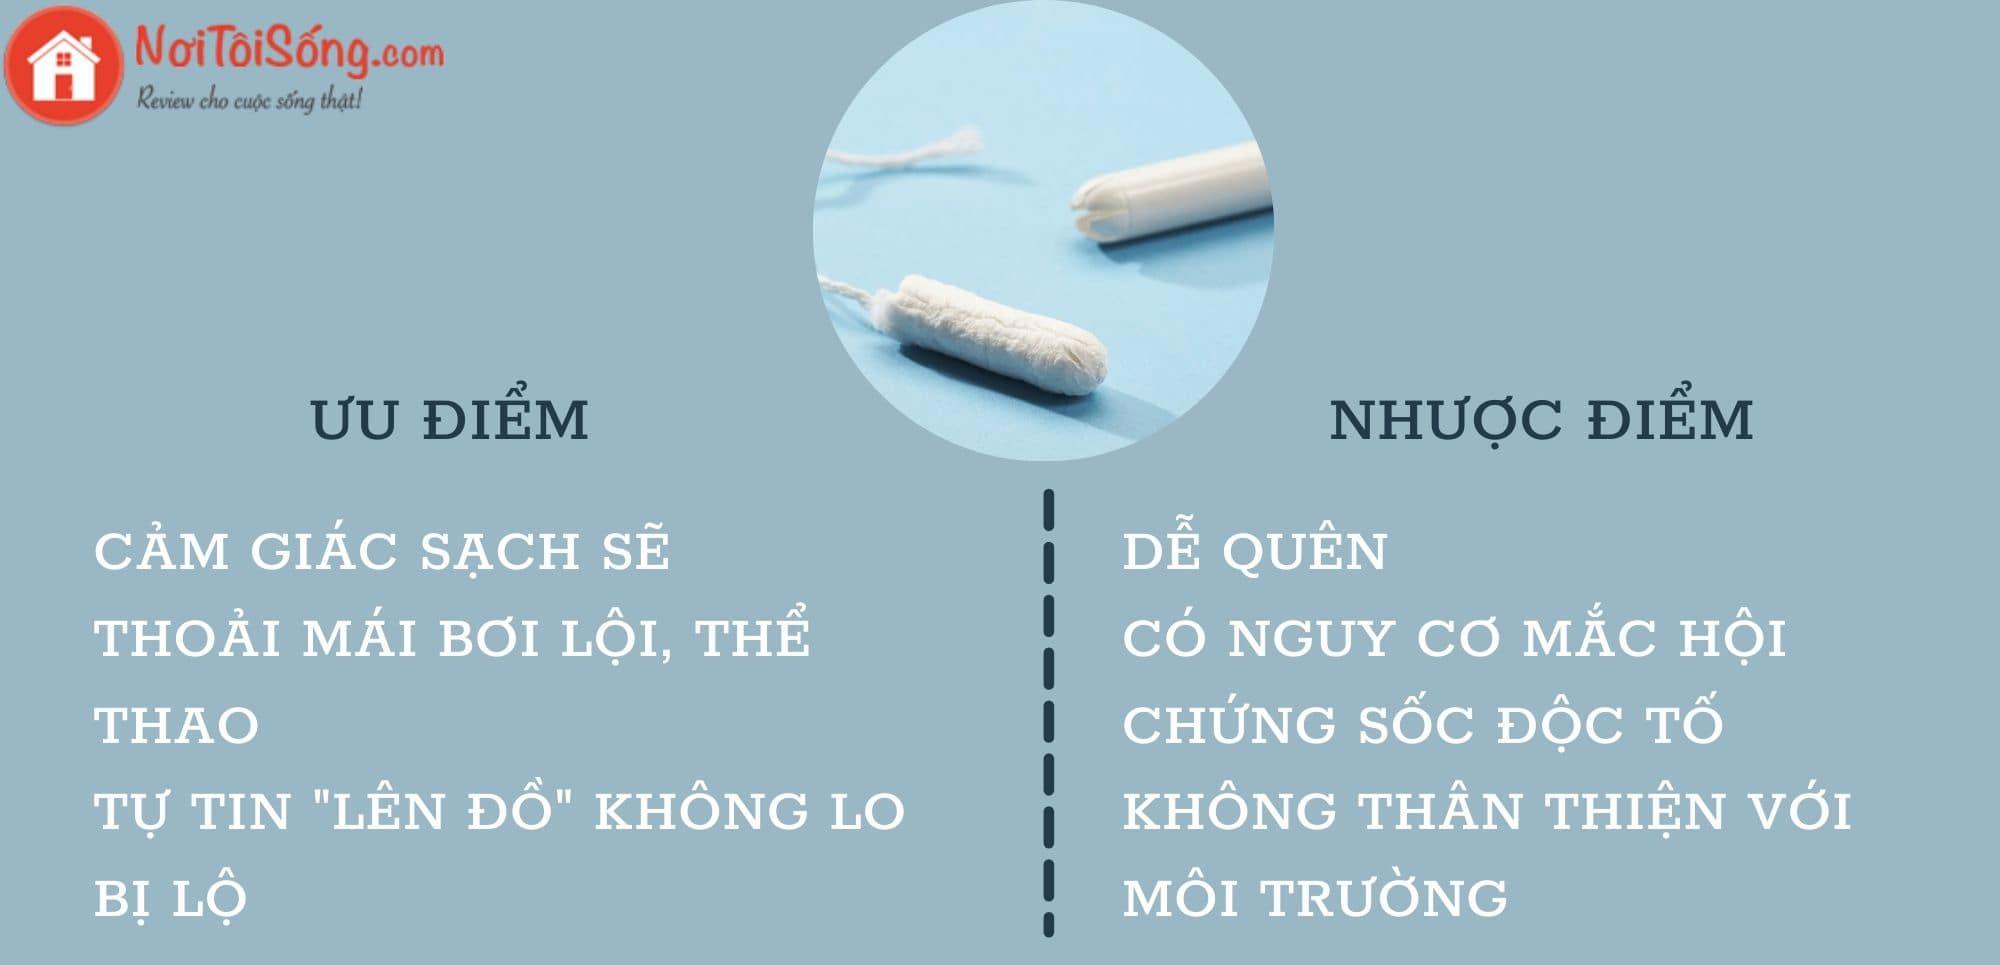 Đánh giá ưu, nhược điểm của tampon